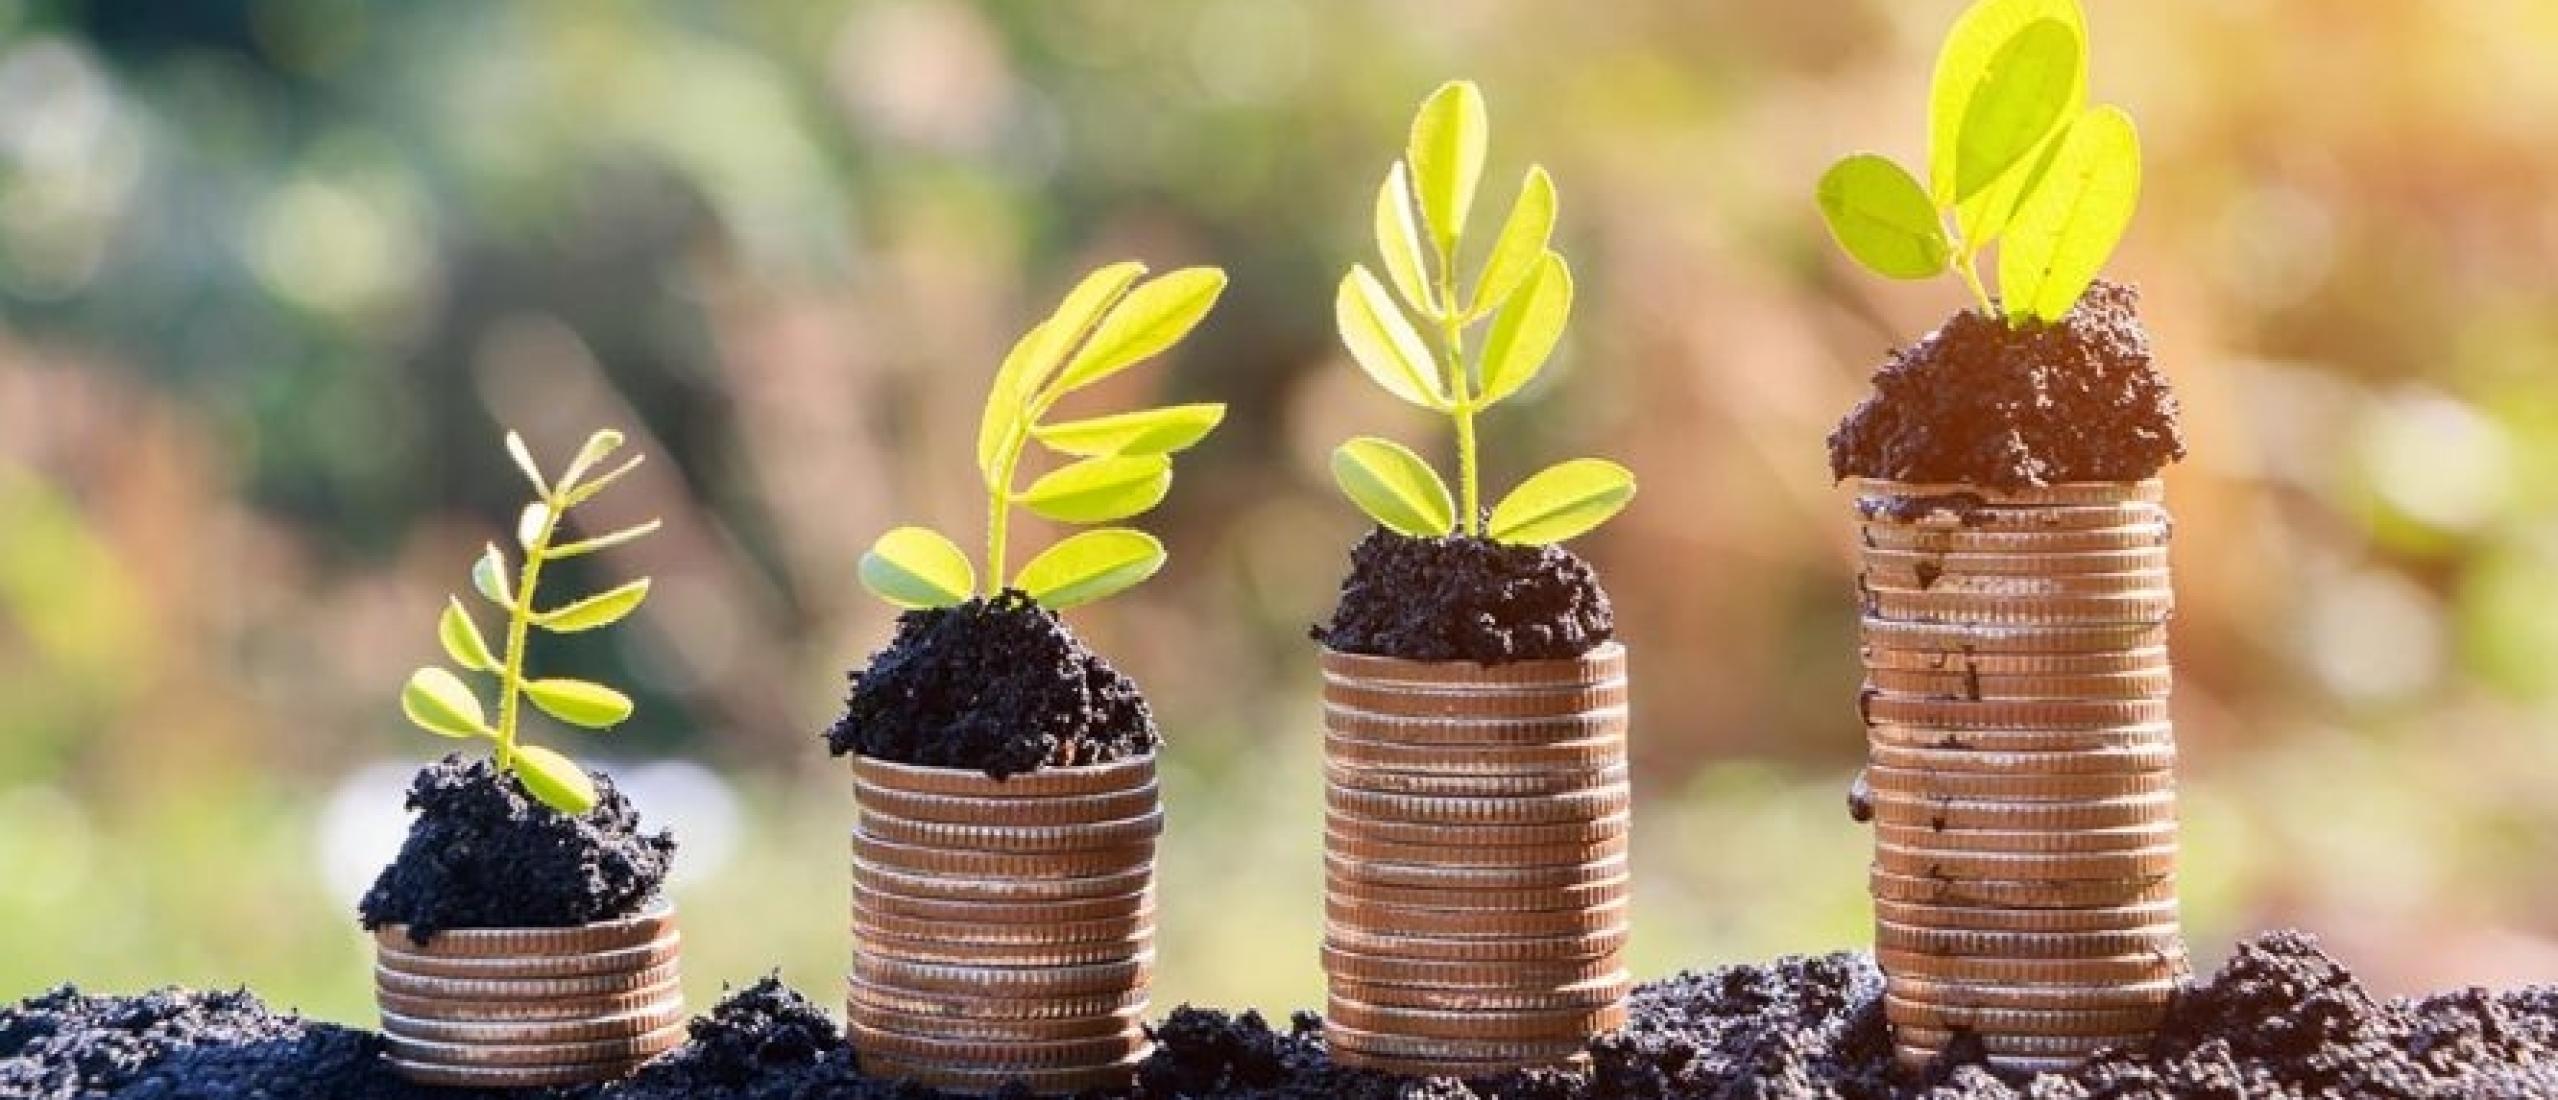 Het rendement van duurzaam beleggen is vaak beter